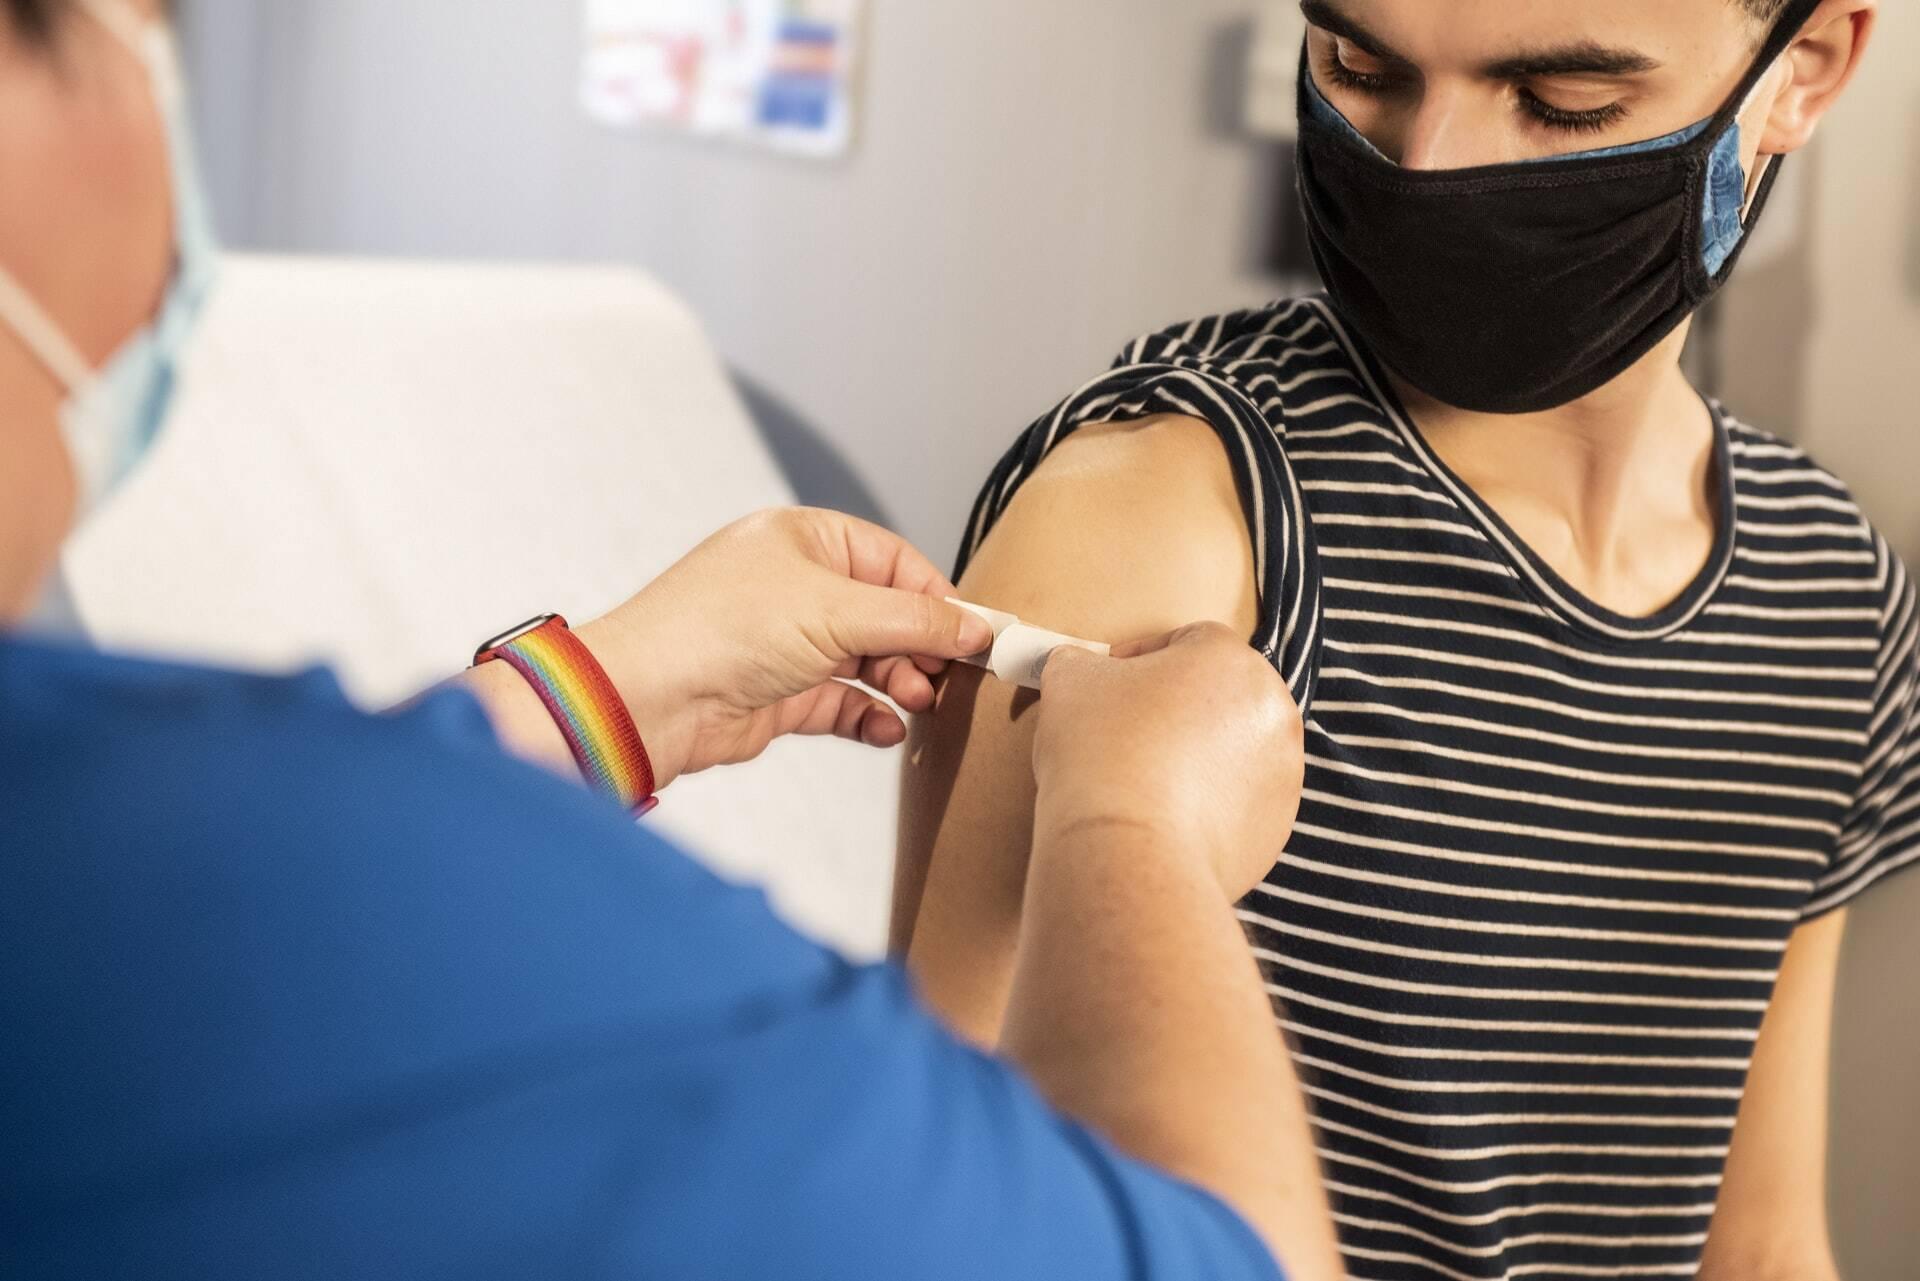 A prefeitura tem uma estimativa de que 174.198 pessoas, recebam a terceira dose do imunizante da Pfizer até o dia 3 de outubro. (Foto: Unsplash)